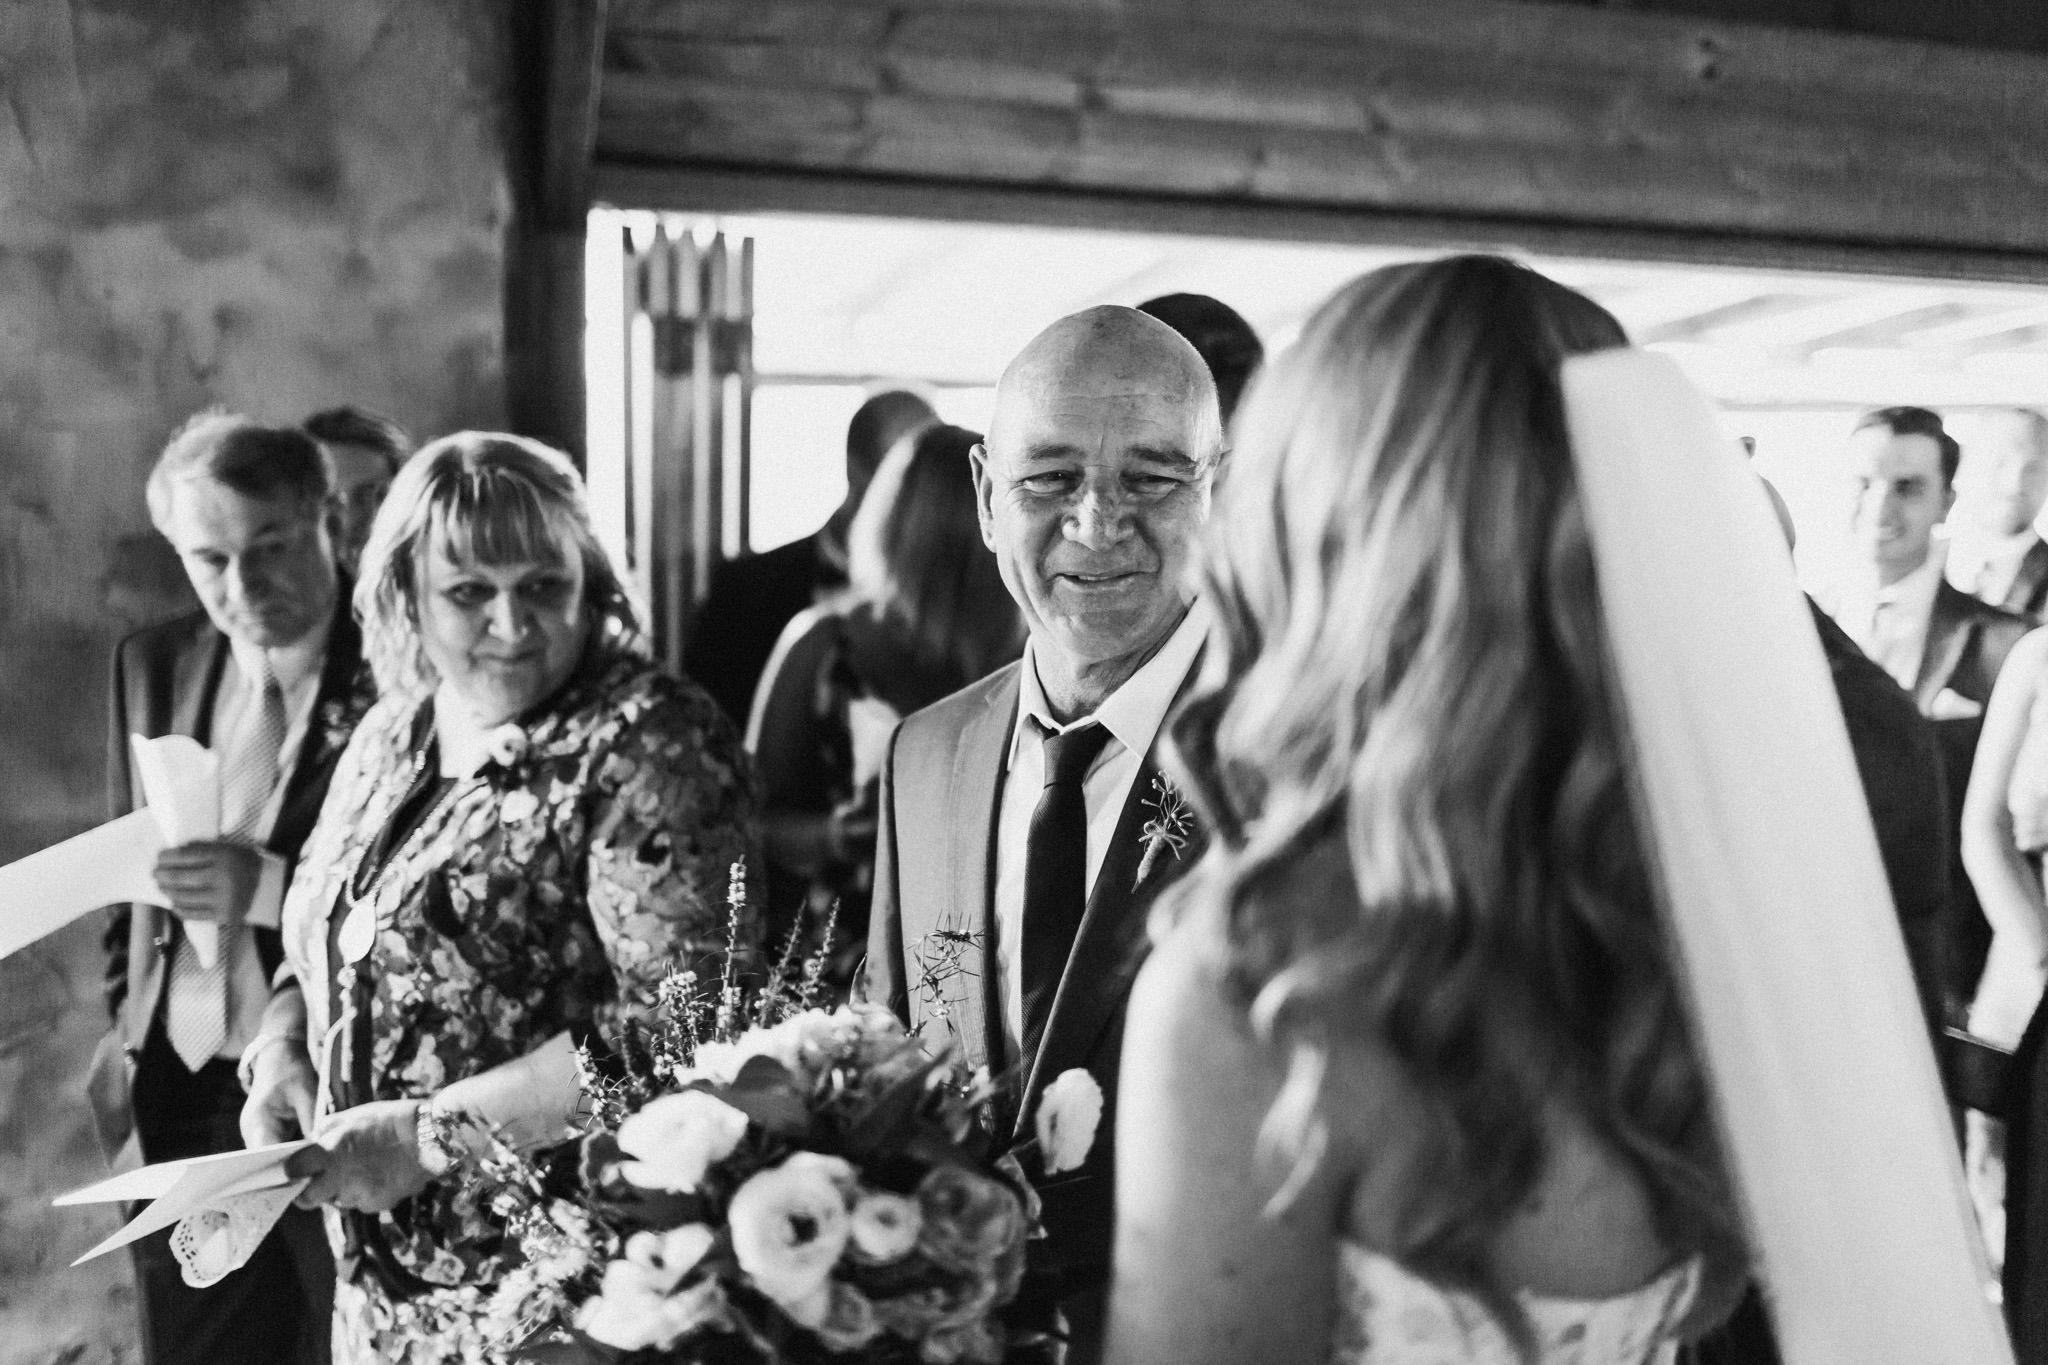 WeddingPhotos_Facebook_2048pixels-1038.jpg